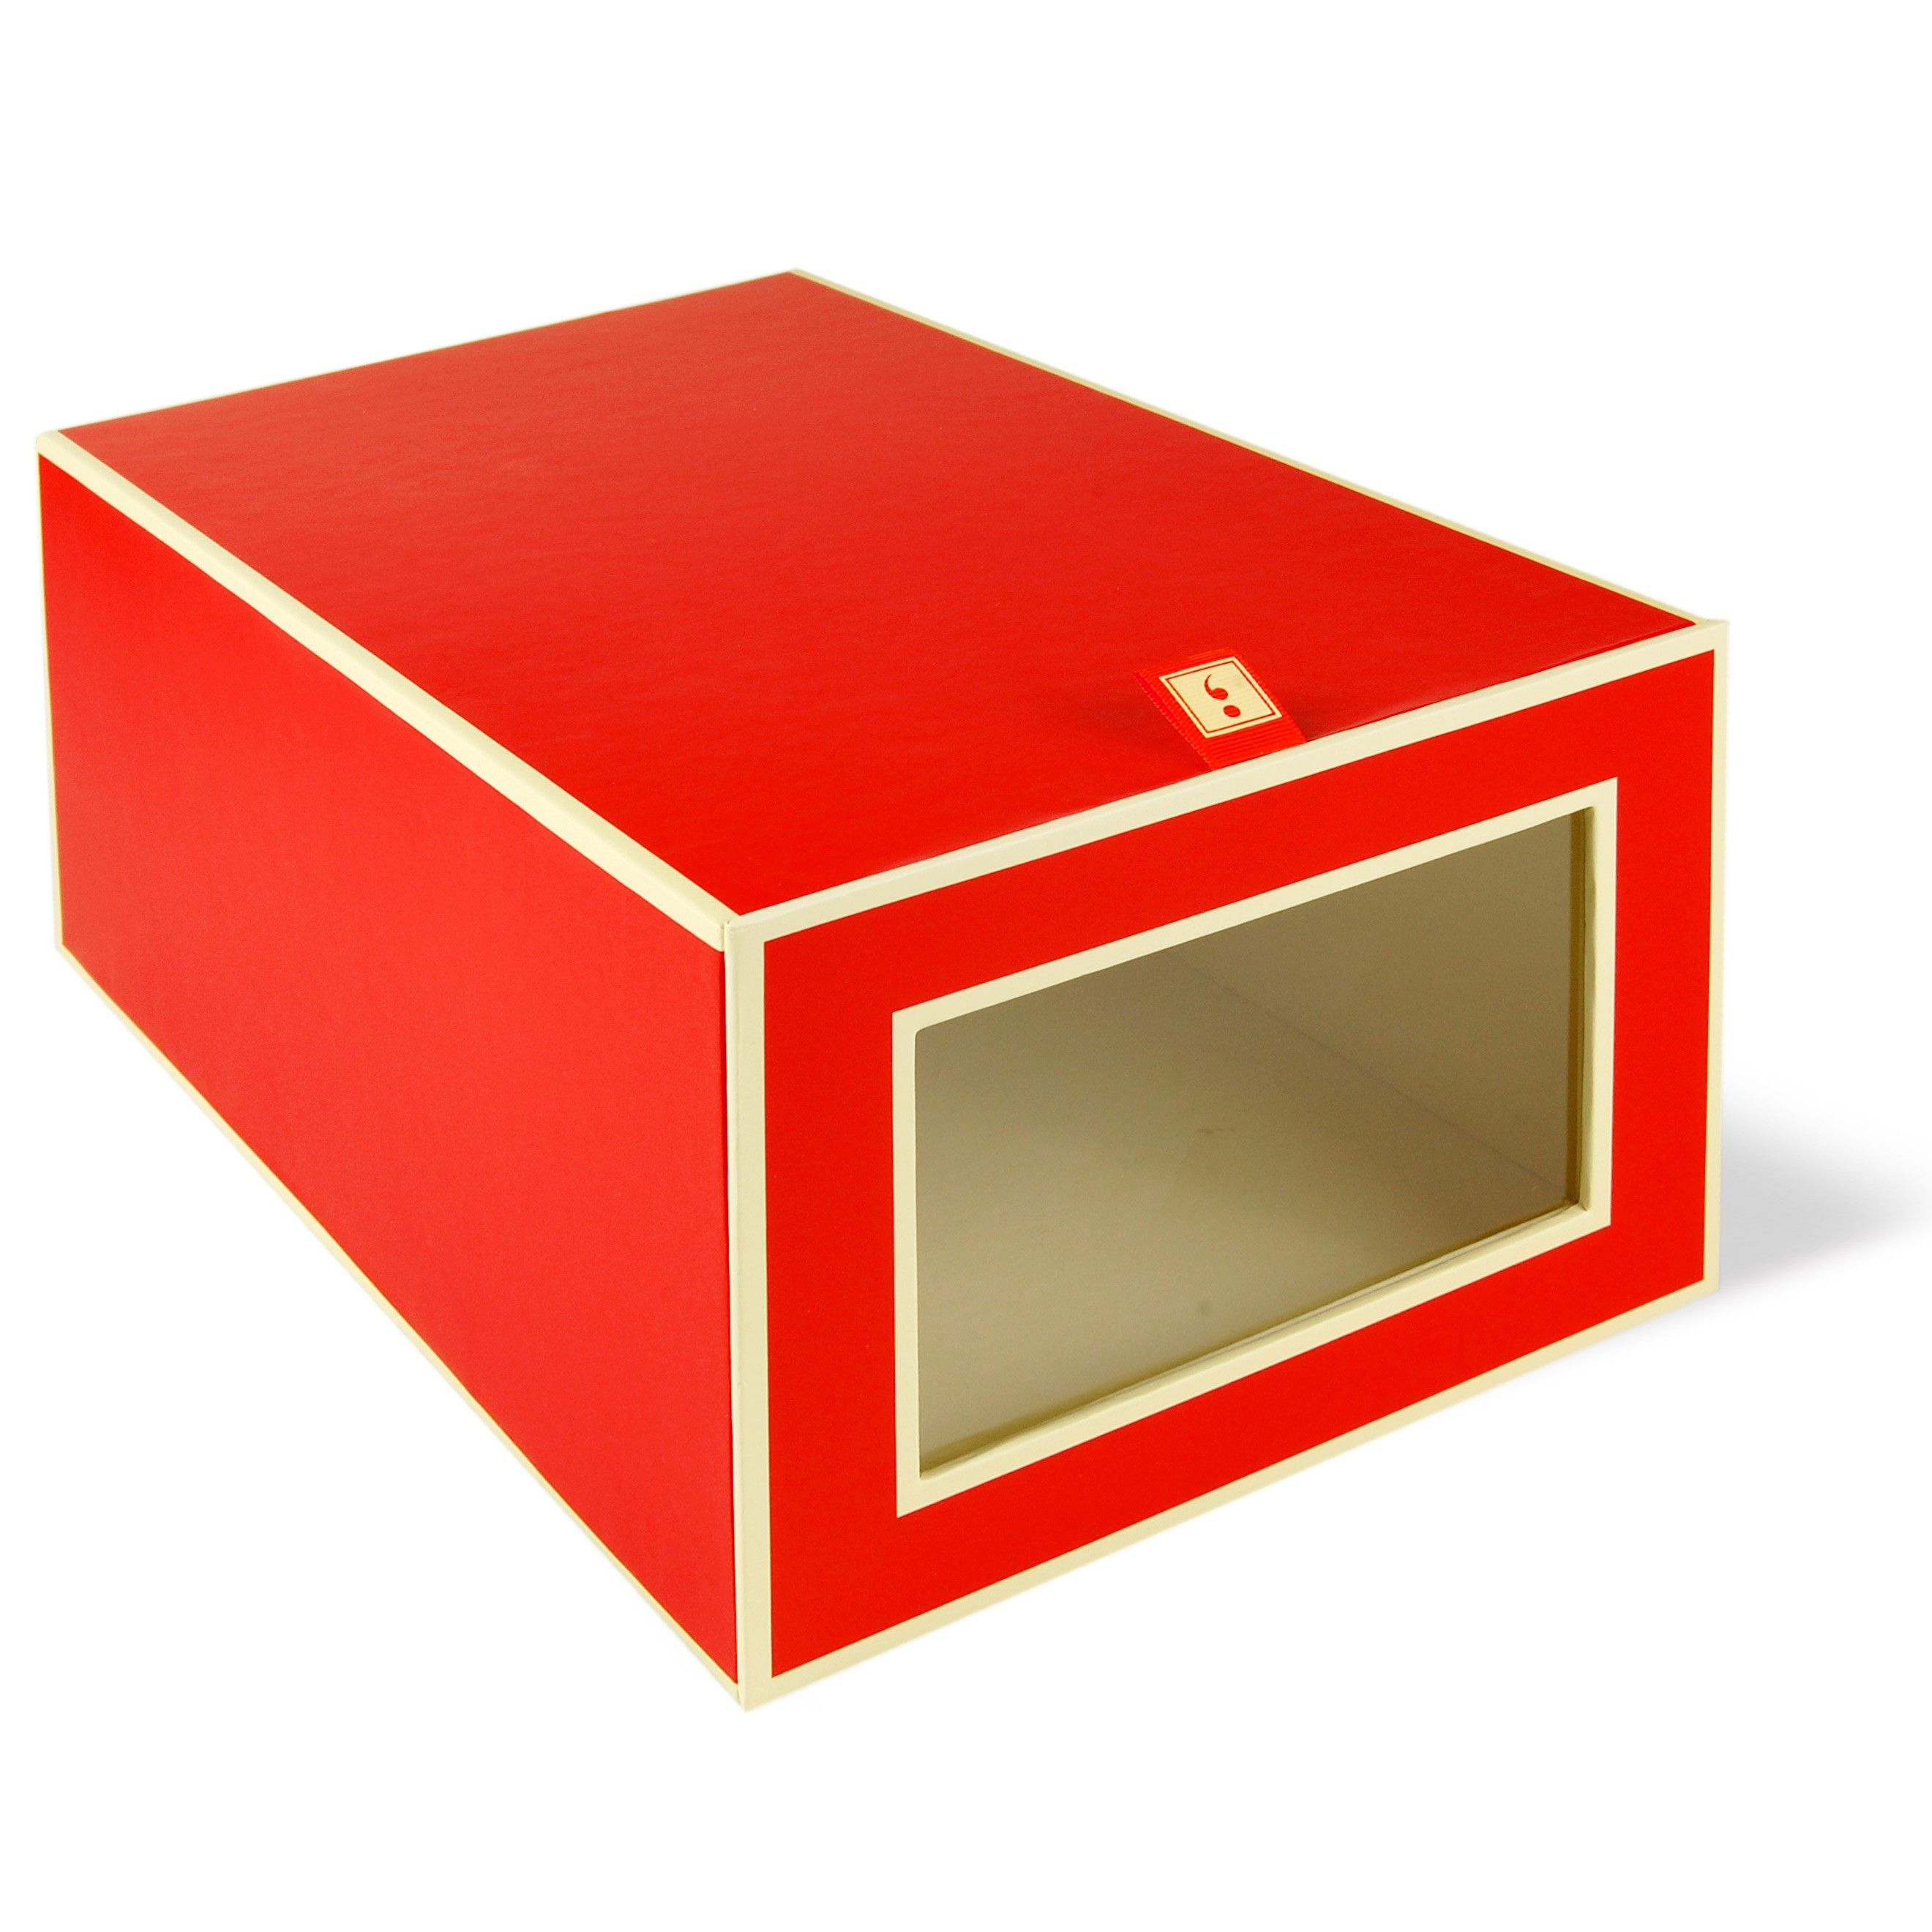 Schuhbox Rot Boxen Aufbewahrung